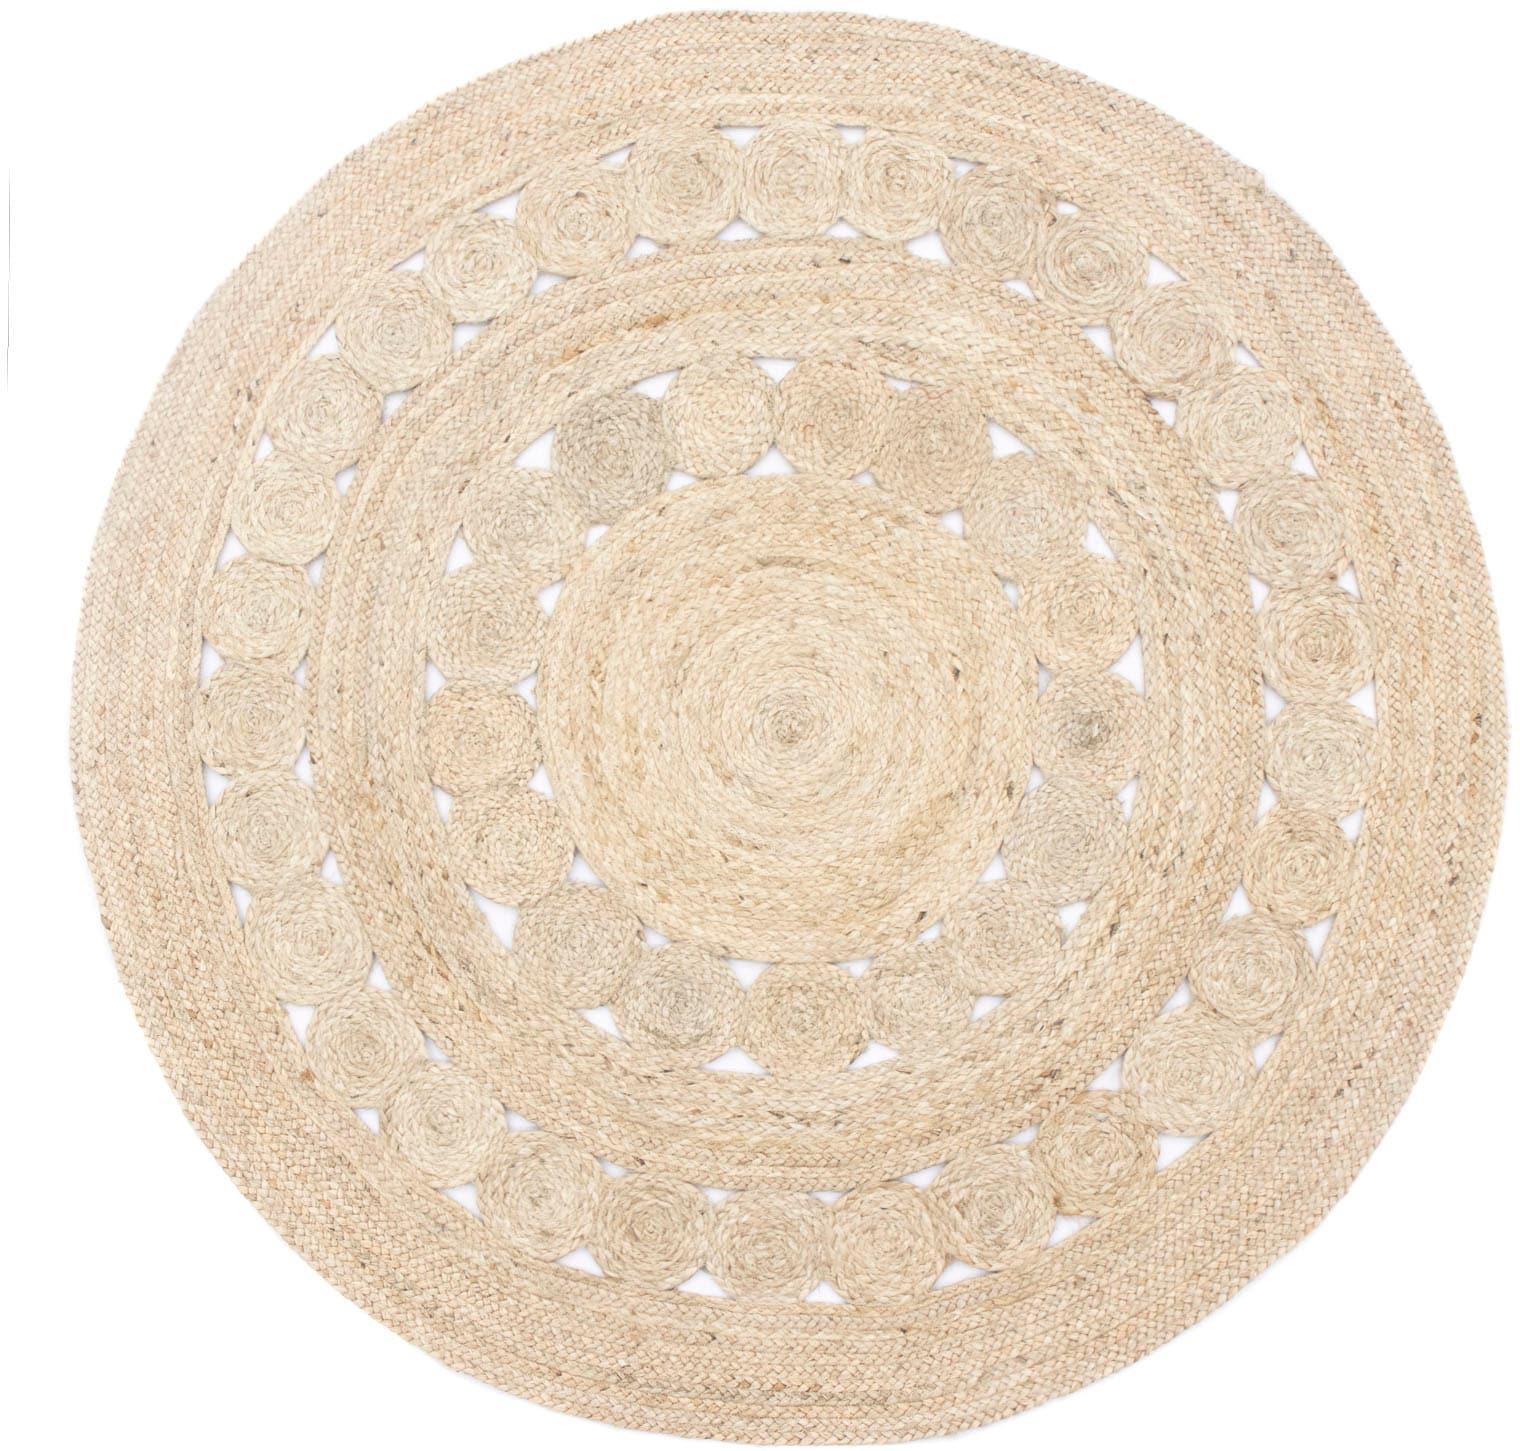 morgenland Teppich Sisalteppich Darcia, rund, 6 mm Höhe beige Esszimmerteppiche Teppiche nach Räumen